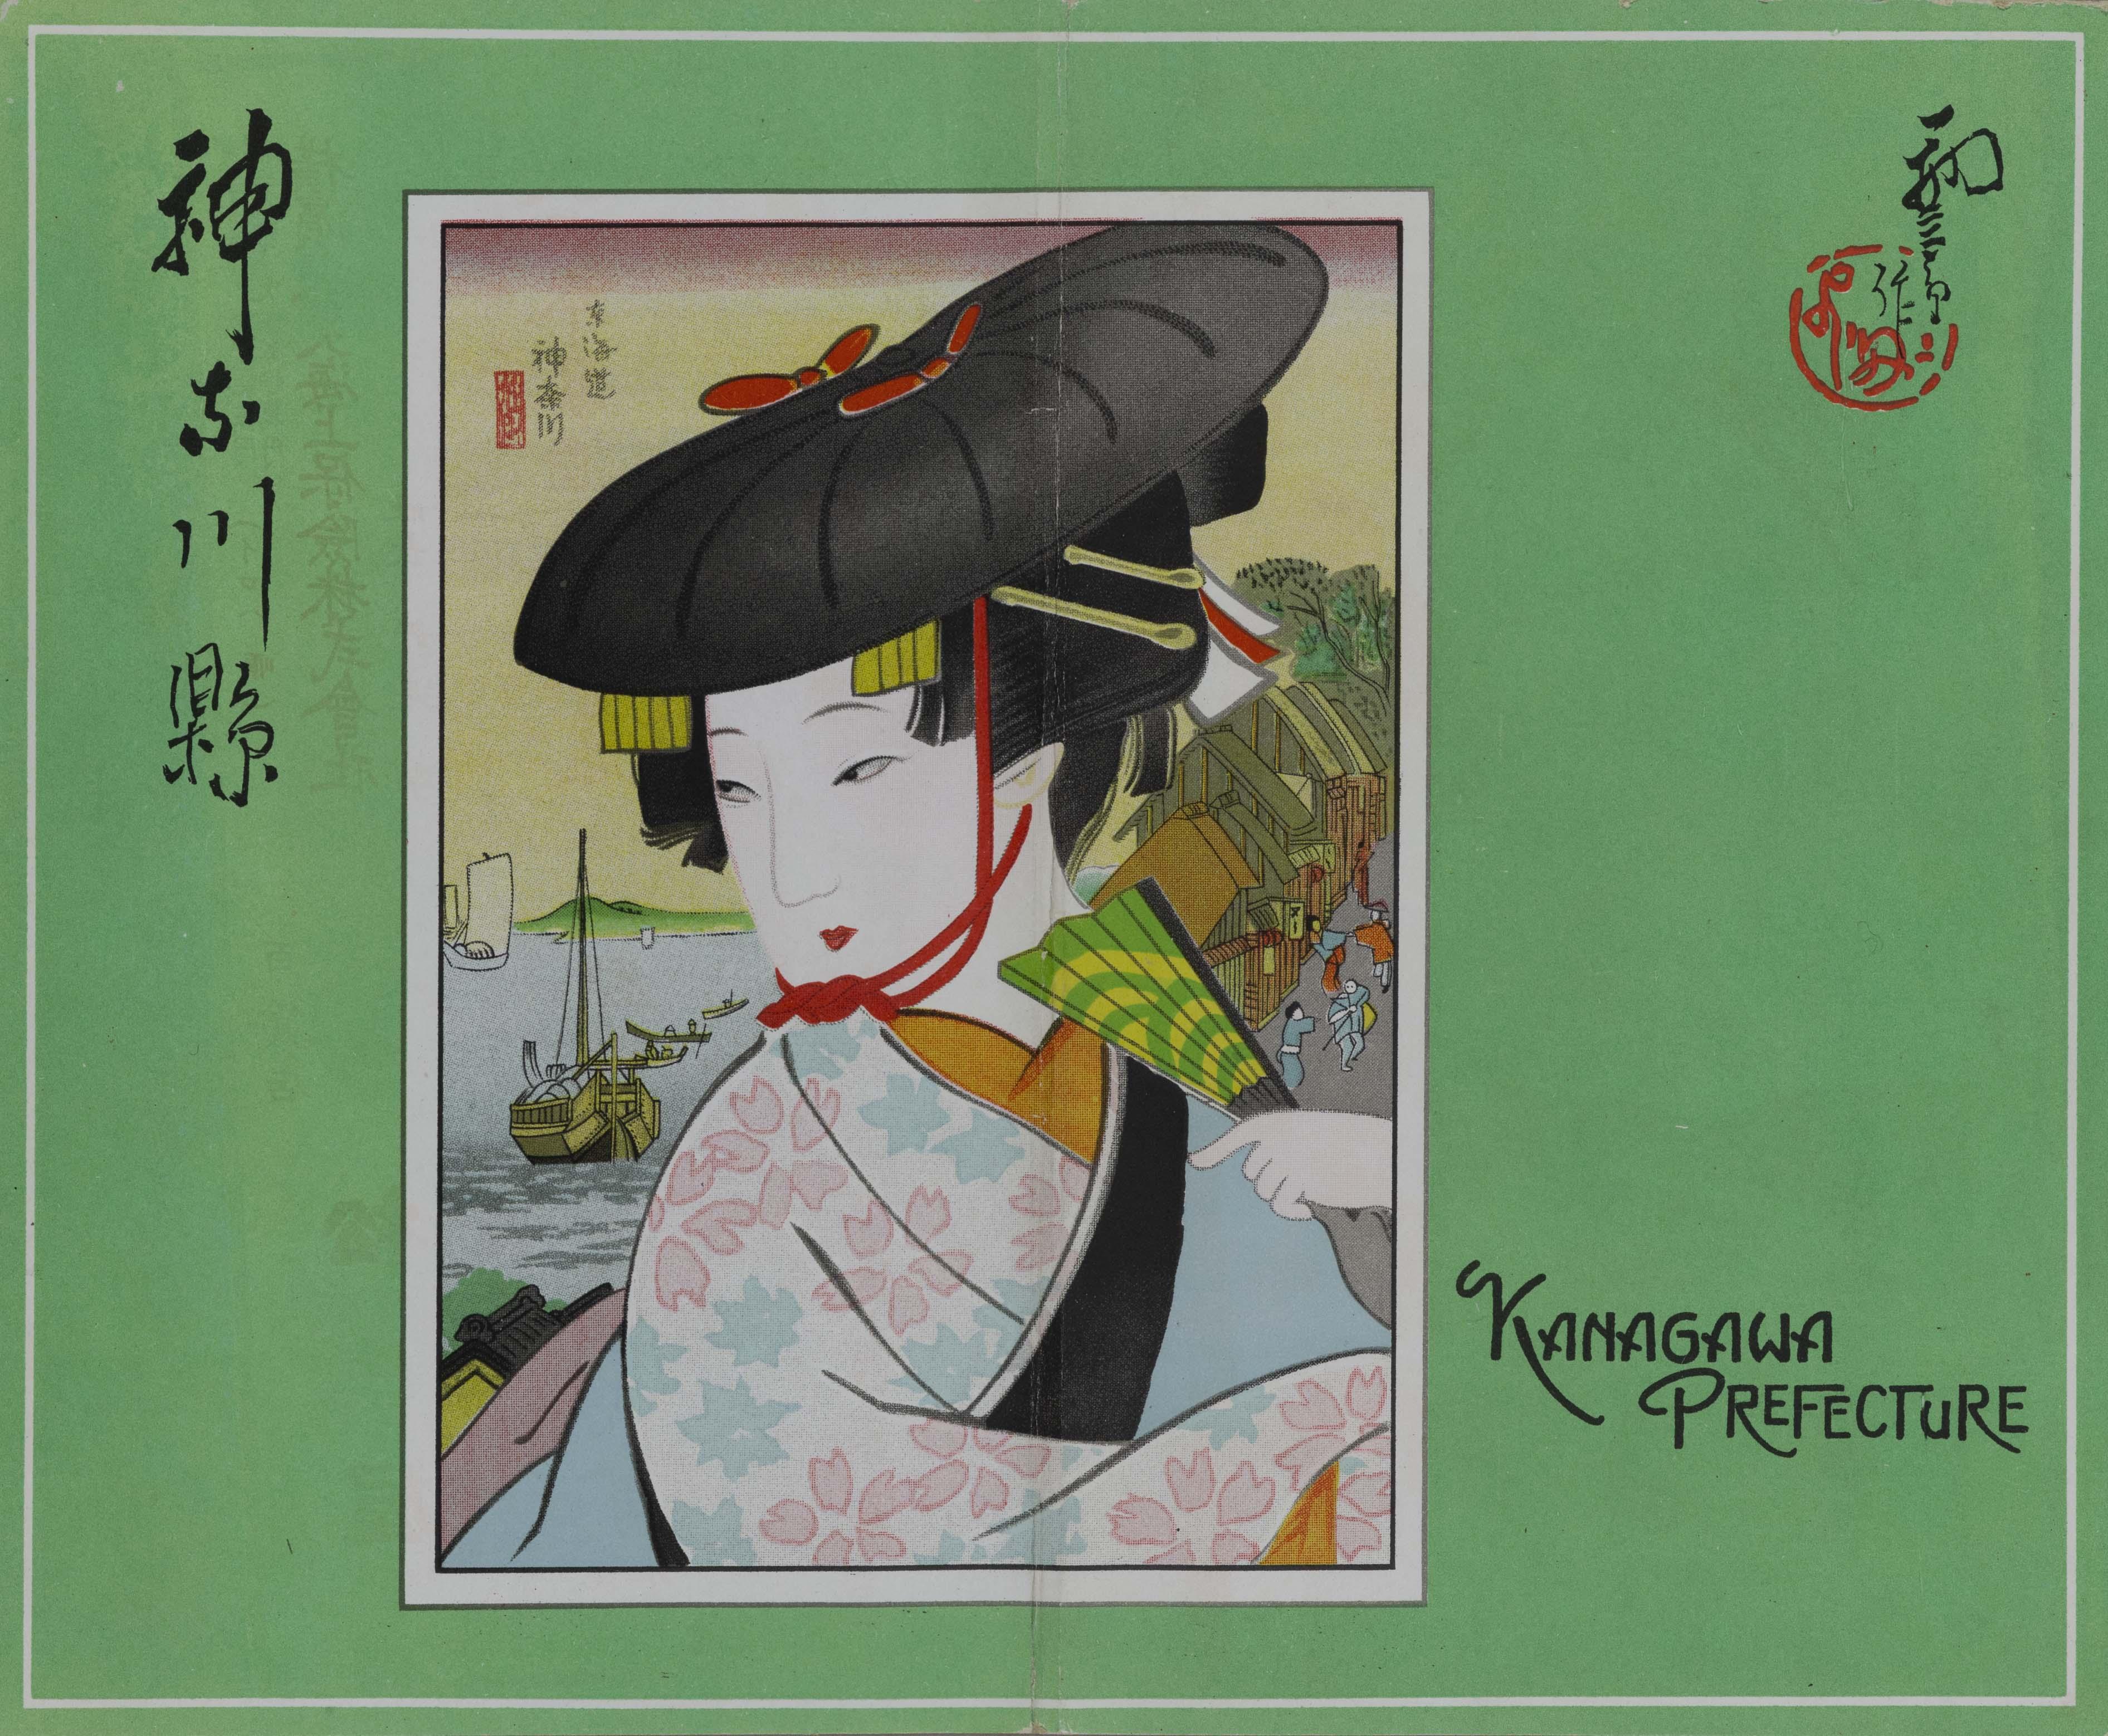 神奈川県観光図絵」昭和9(1934)年の表紙